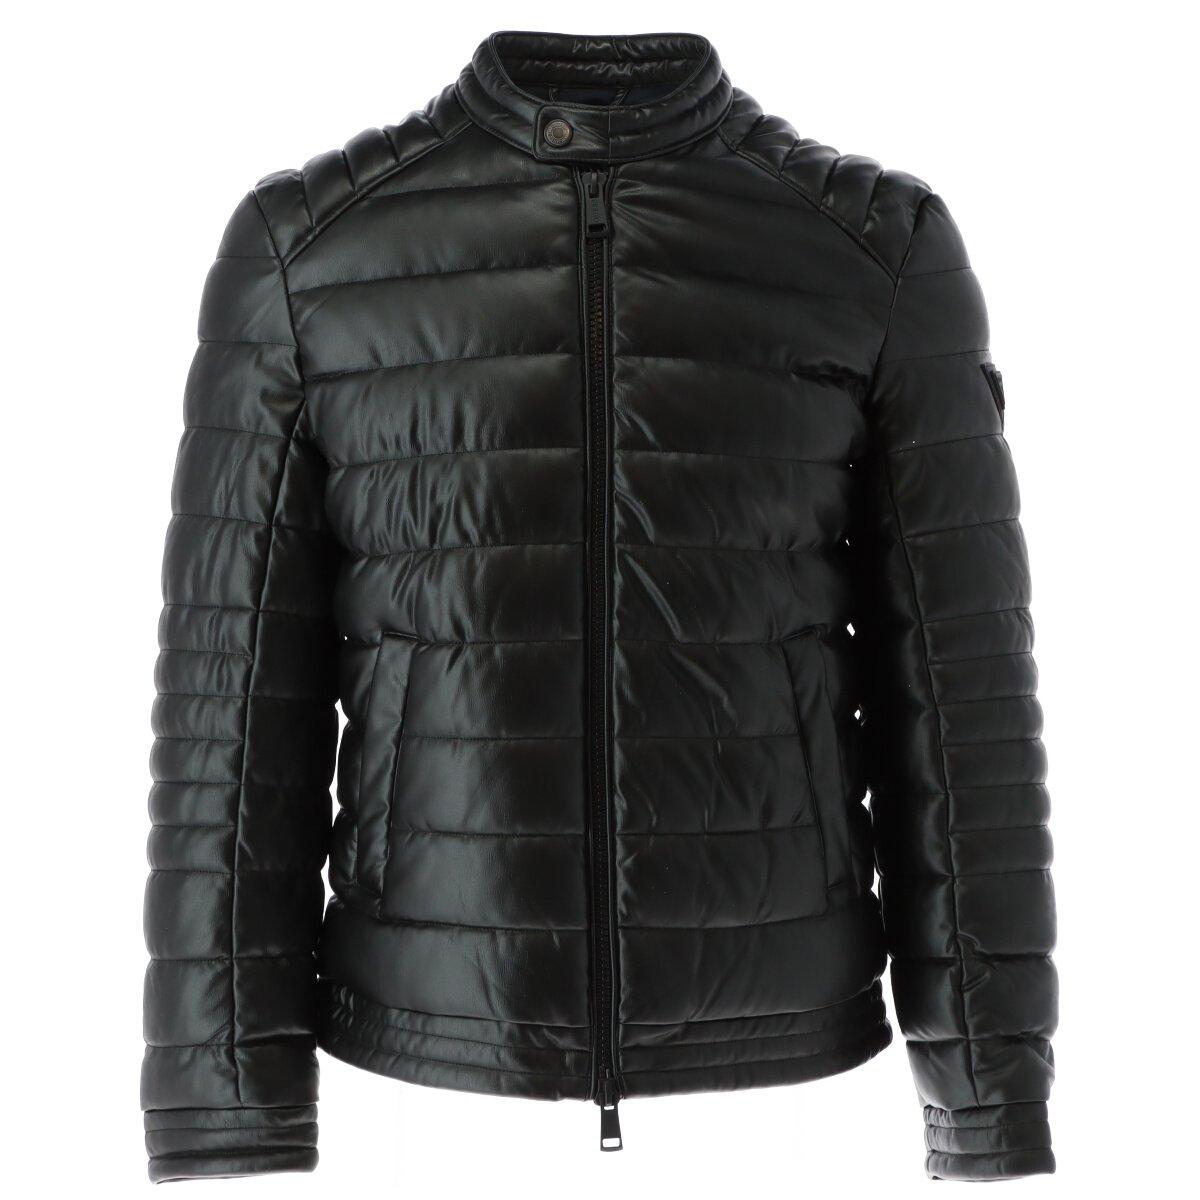 Guess Men's Jacket Various Colours 300902 - black XS